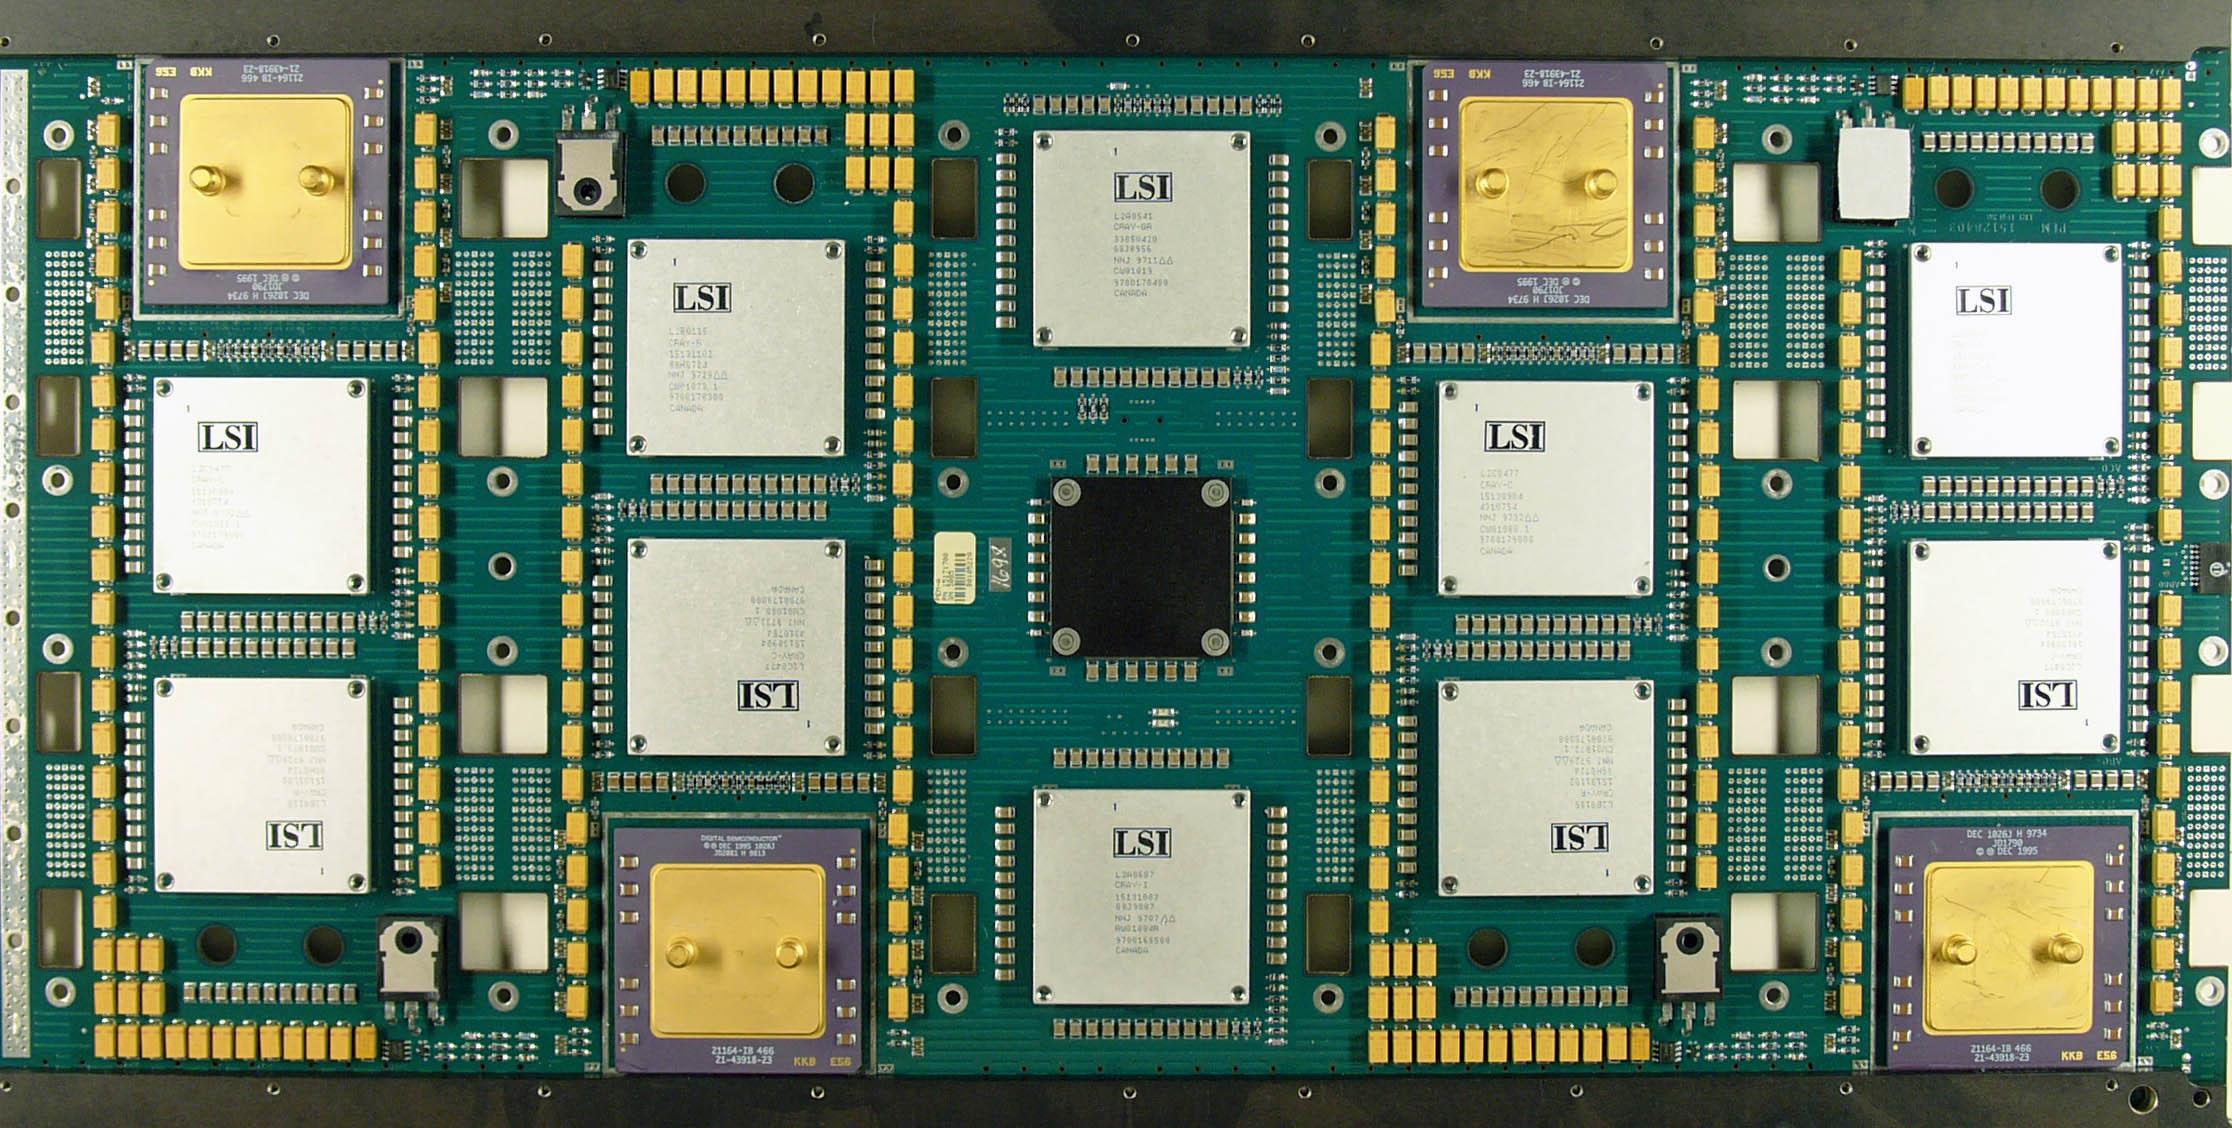 Karta procesorowa z superkomputera Cray T3E; na zdjęciu widoczne cztery procesory Alpha 21164 300MHz.